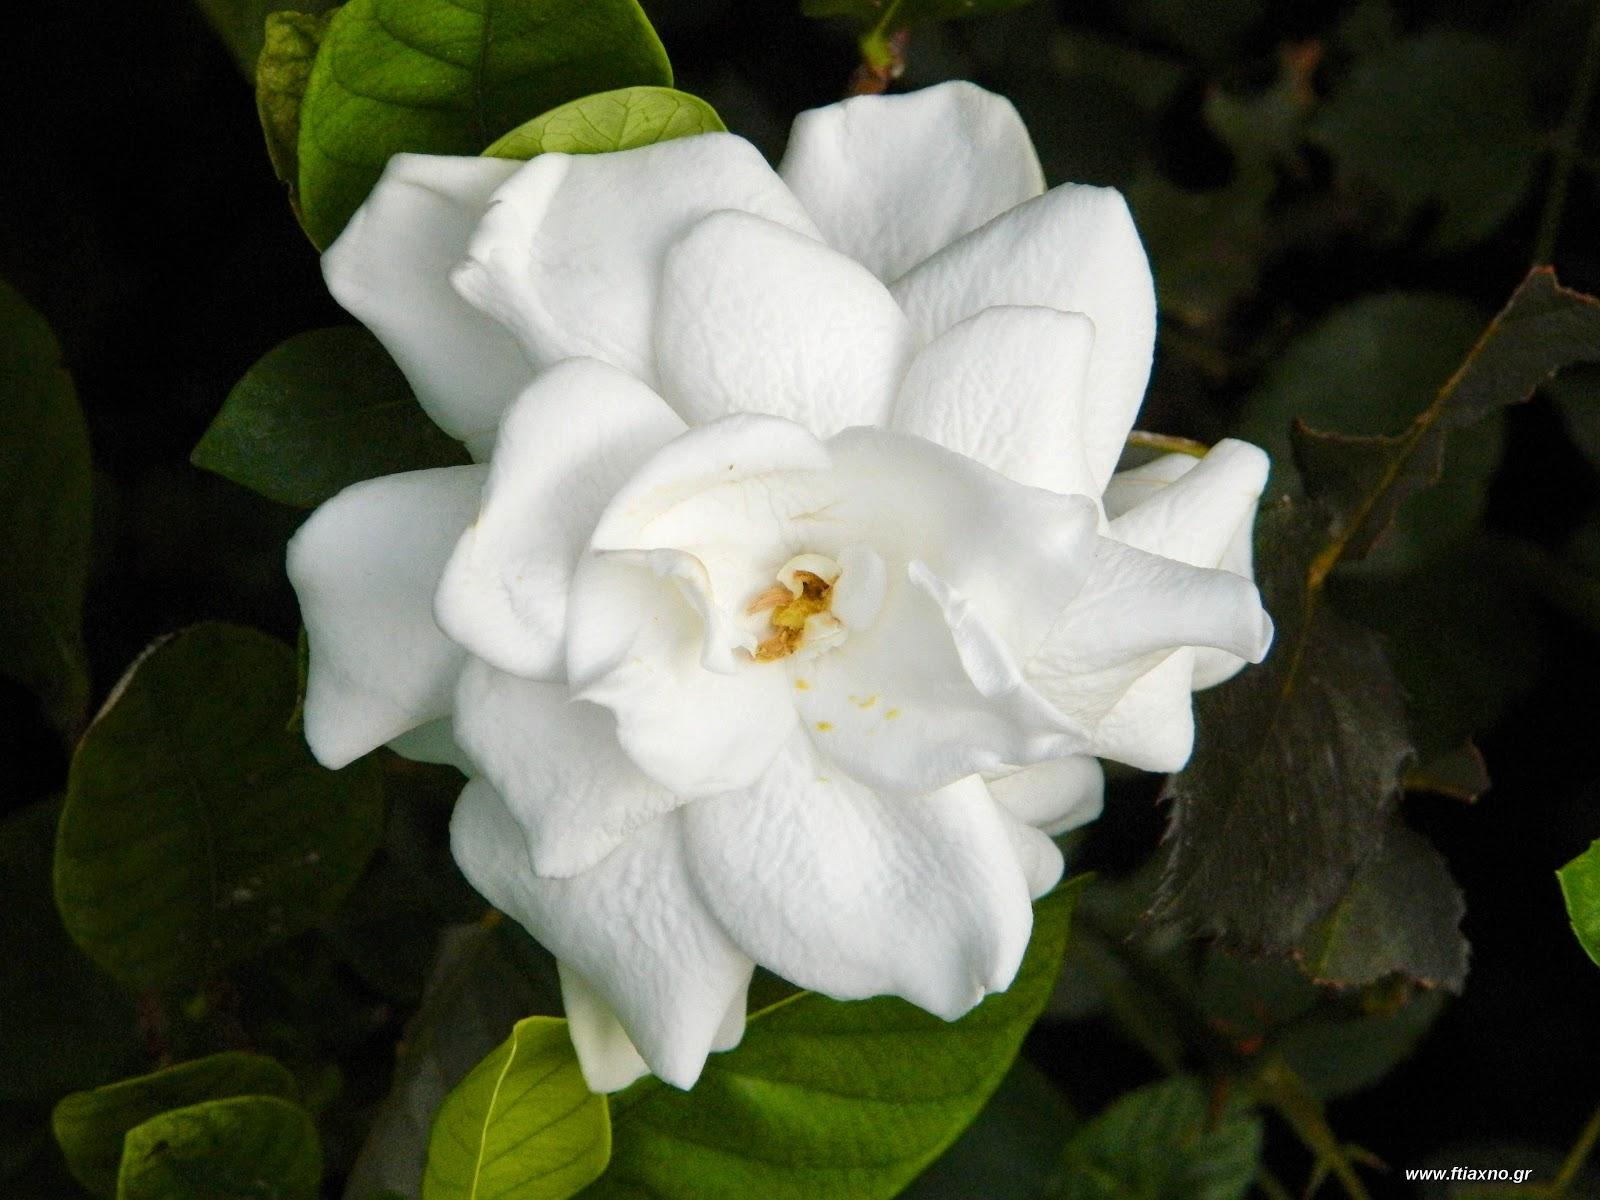 Θέλω μια φωτογραφία... - Σελίδα 6 Gardenia-kalliergia